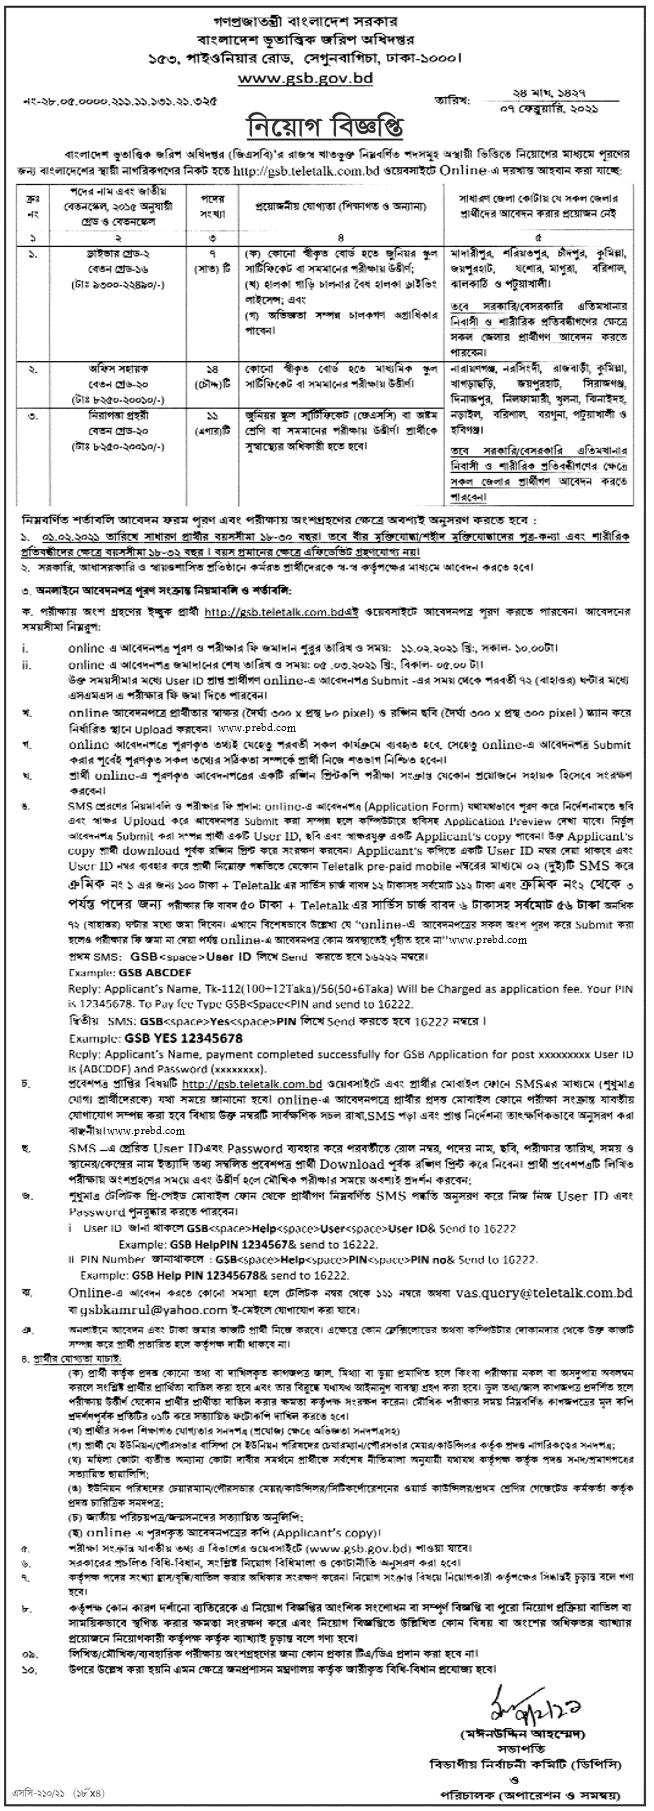 বাংলাদেশ ভূতাত্ত্বিক জরিপ অধিদপ্তর (gsb) এ নিয়োগ বিজ্ঞপ্তি ২০২১